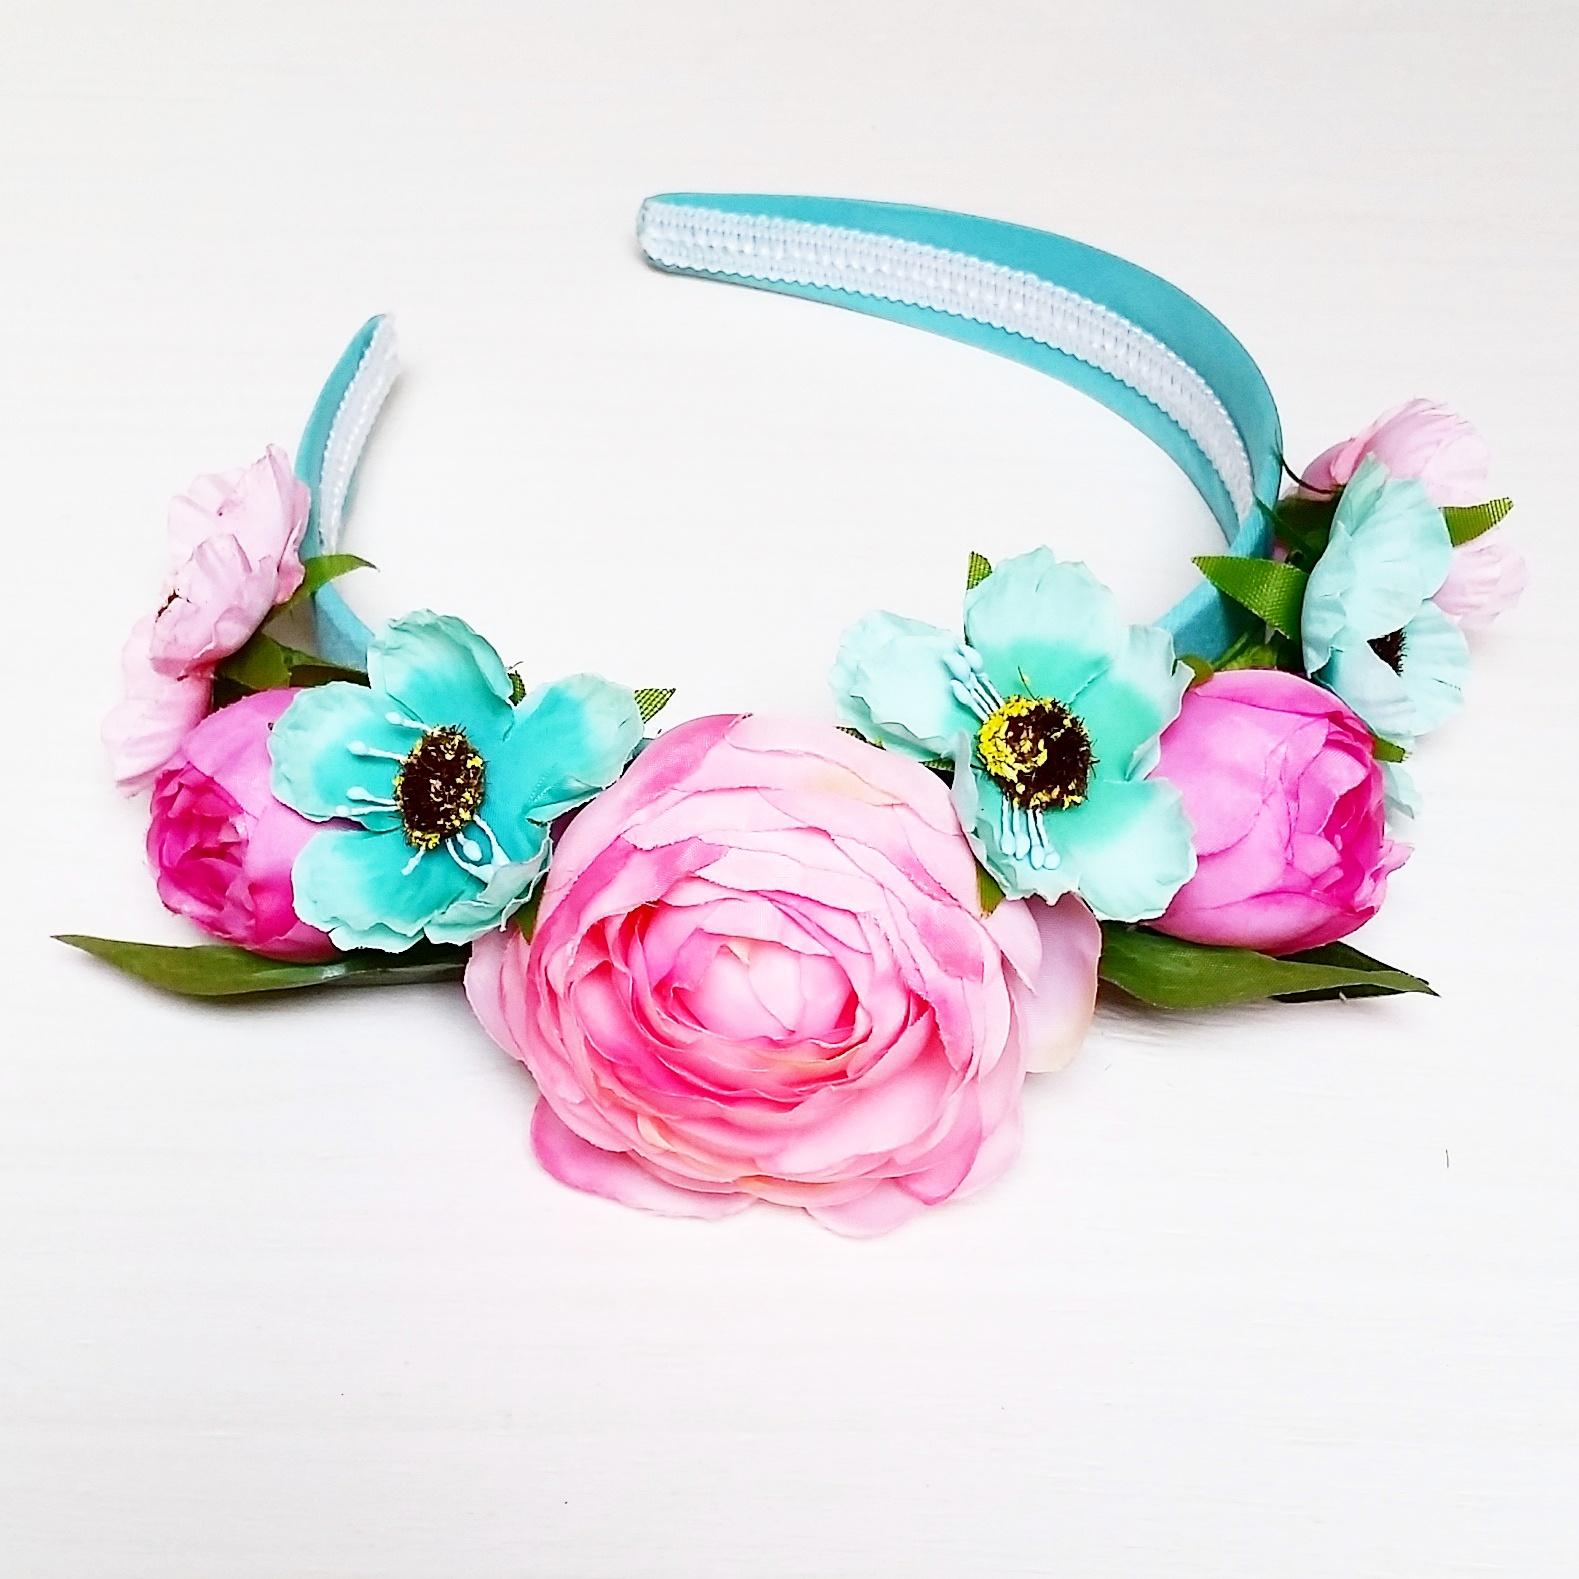 Ободок с искусственными цветами своими руками 109